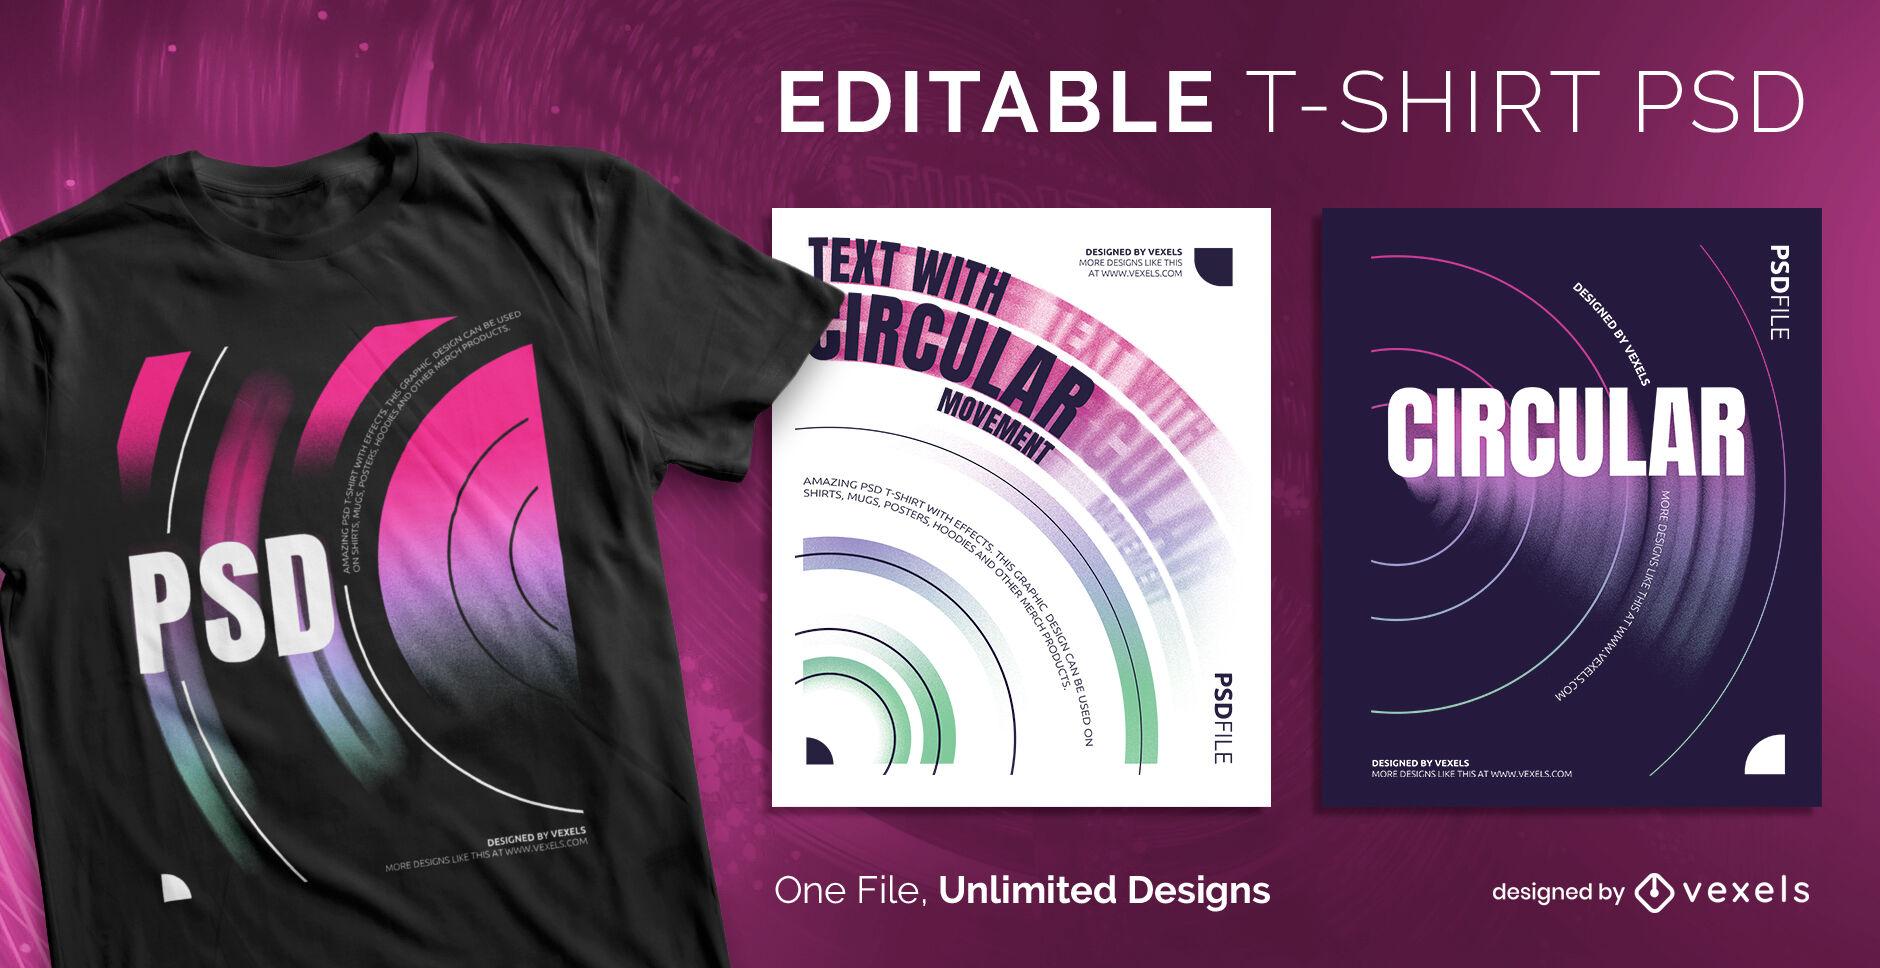 Plantilla de camiseta psd escalable de texto curvo circular degradado